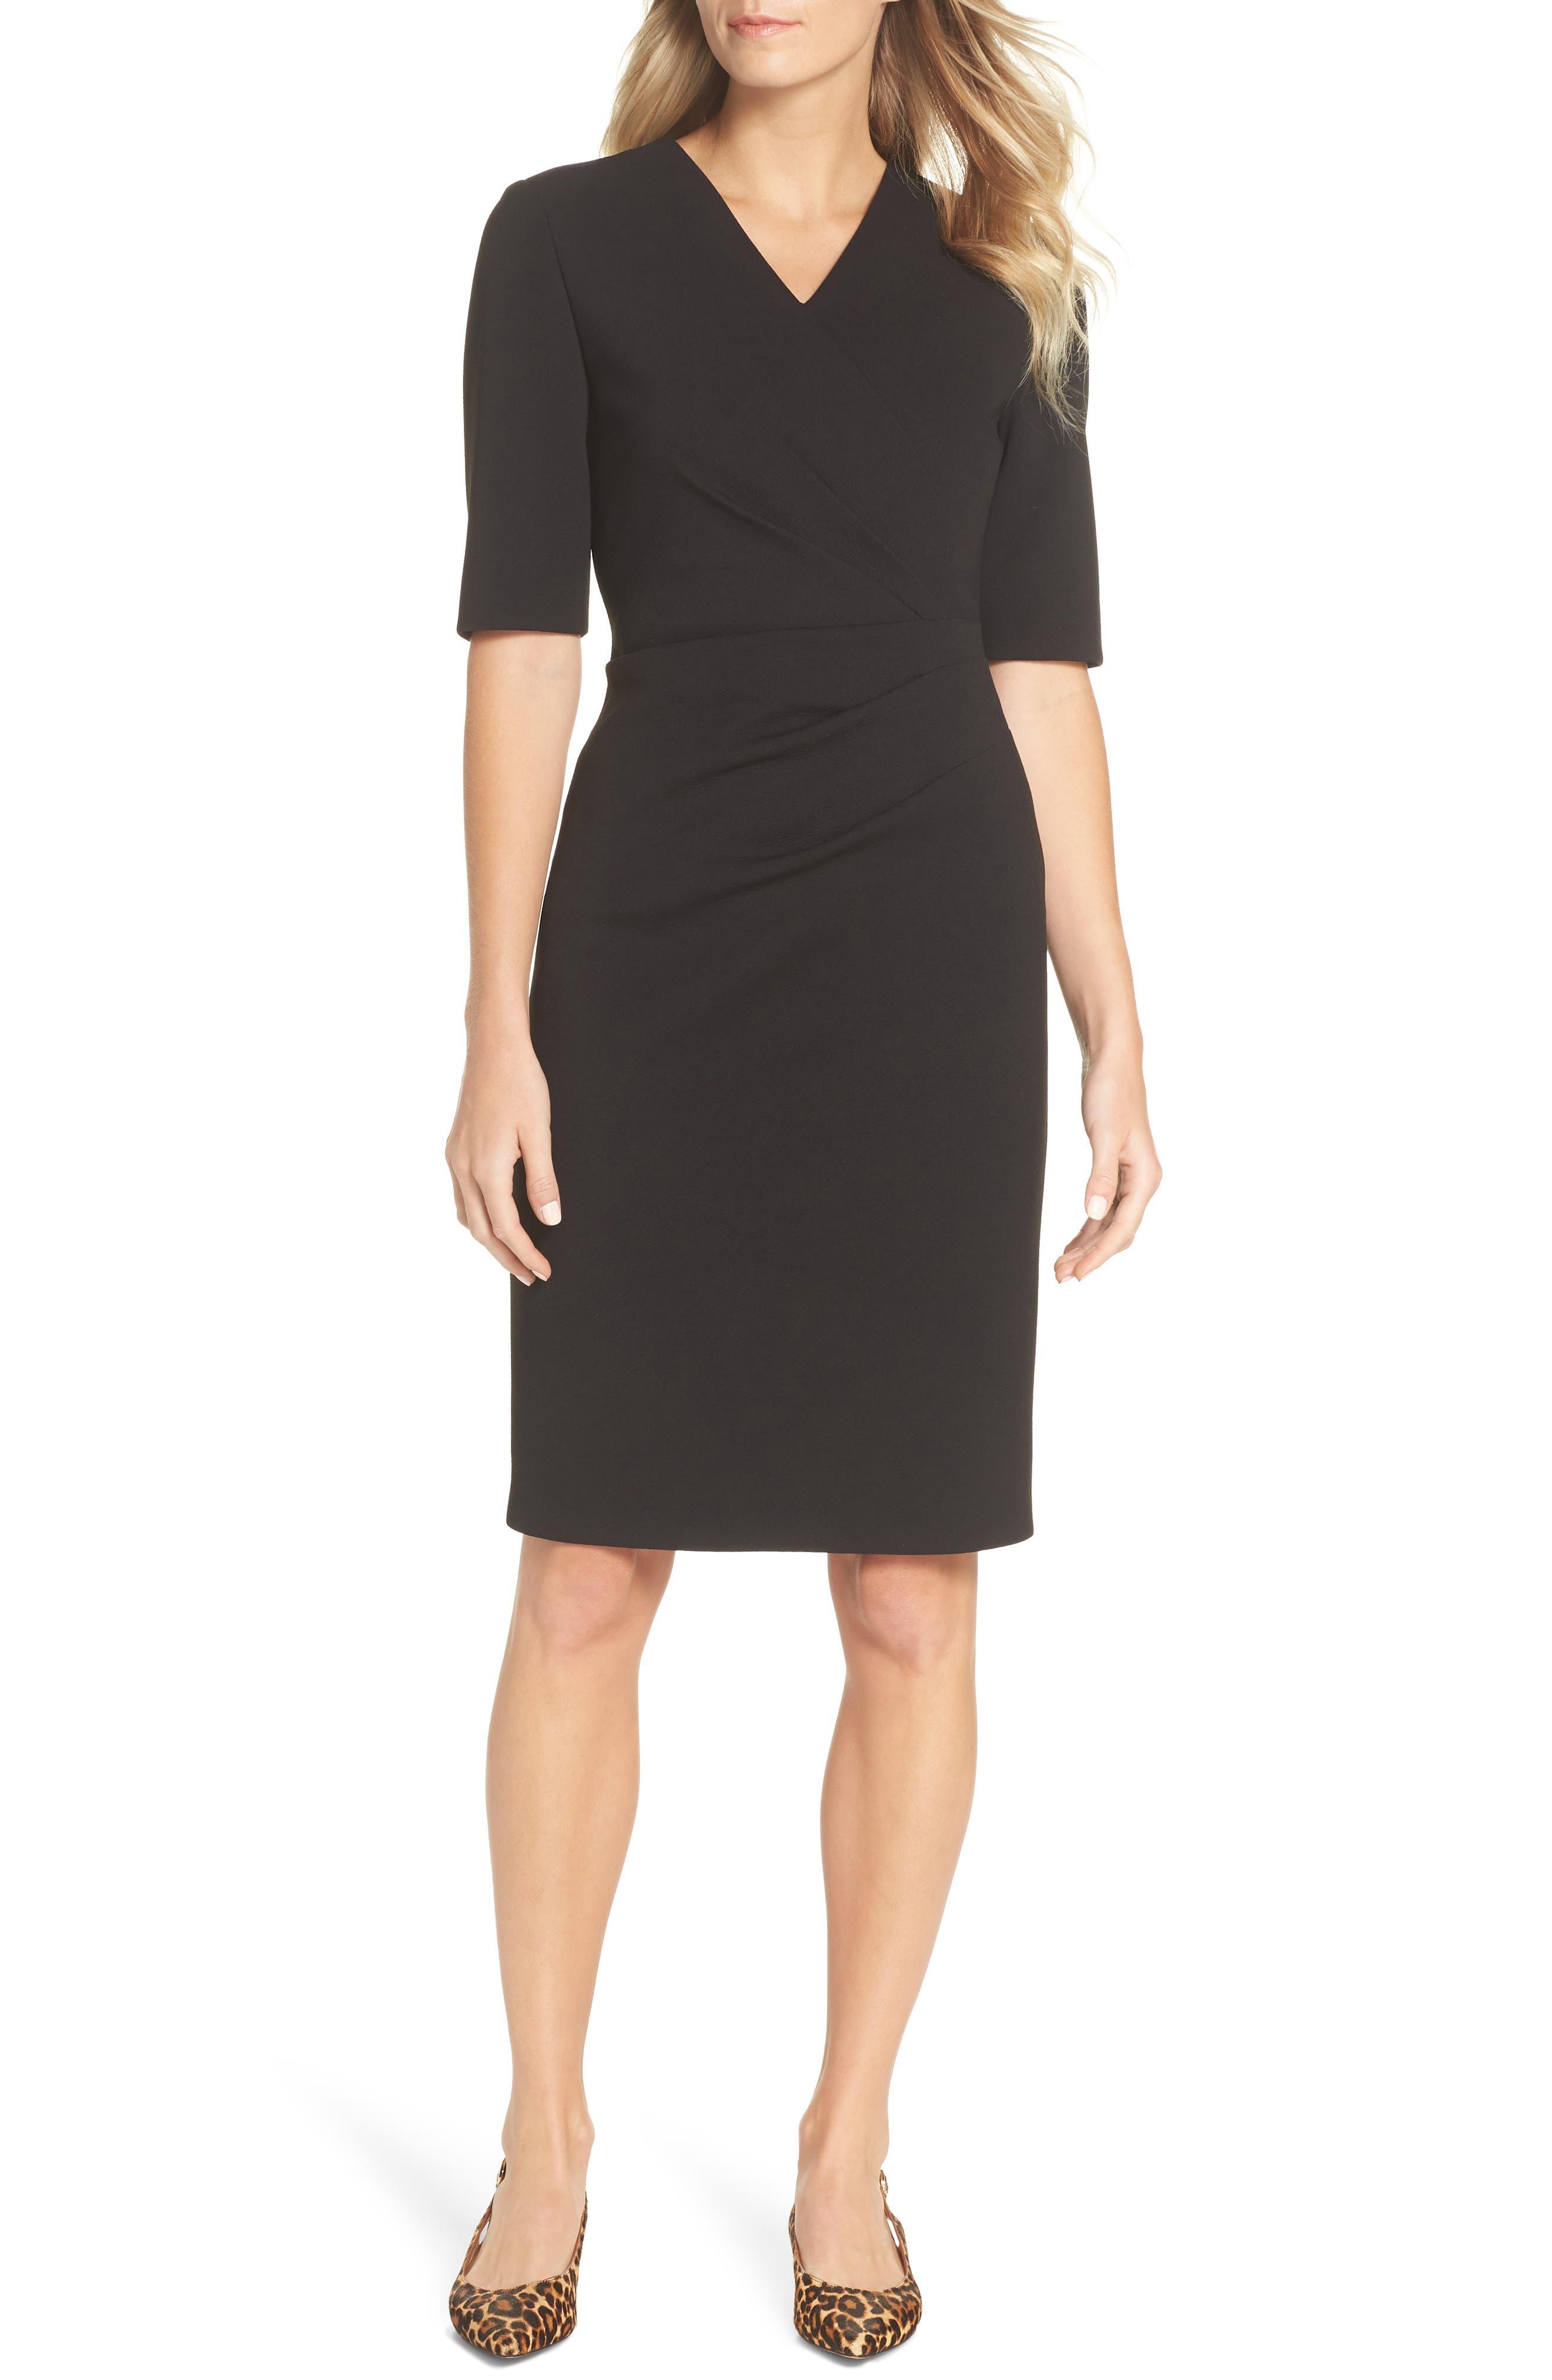 Petite Tahari Scuba Crepe Sheath Dress, Black